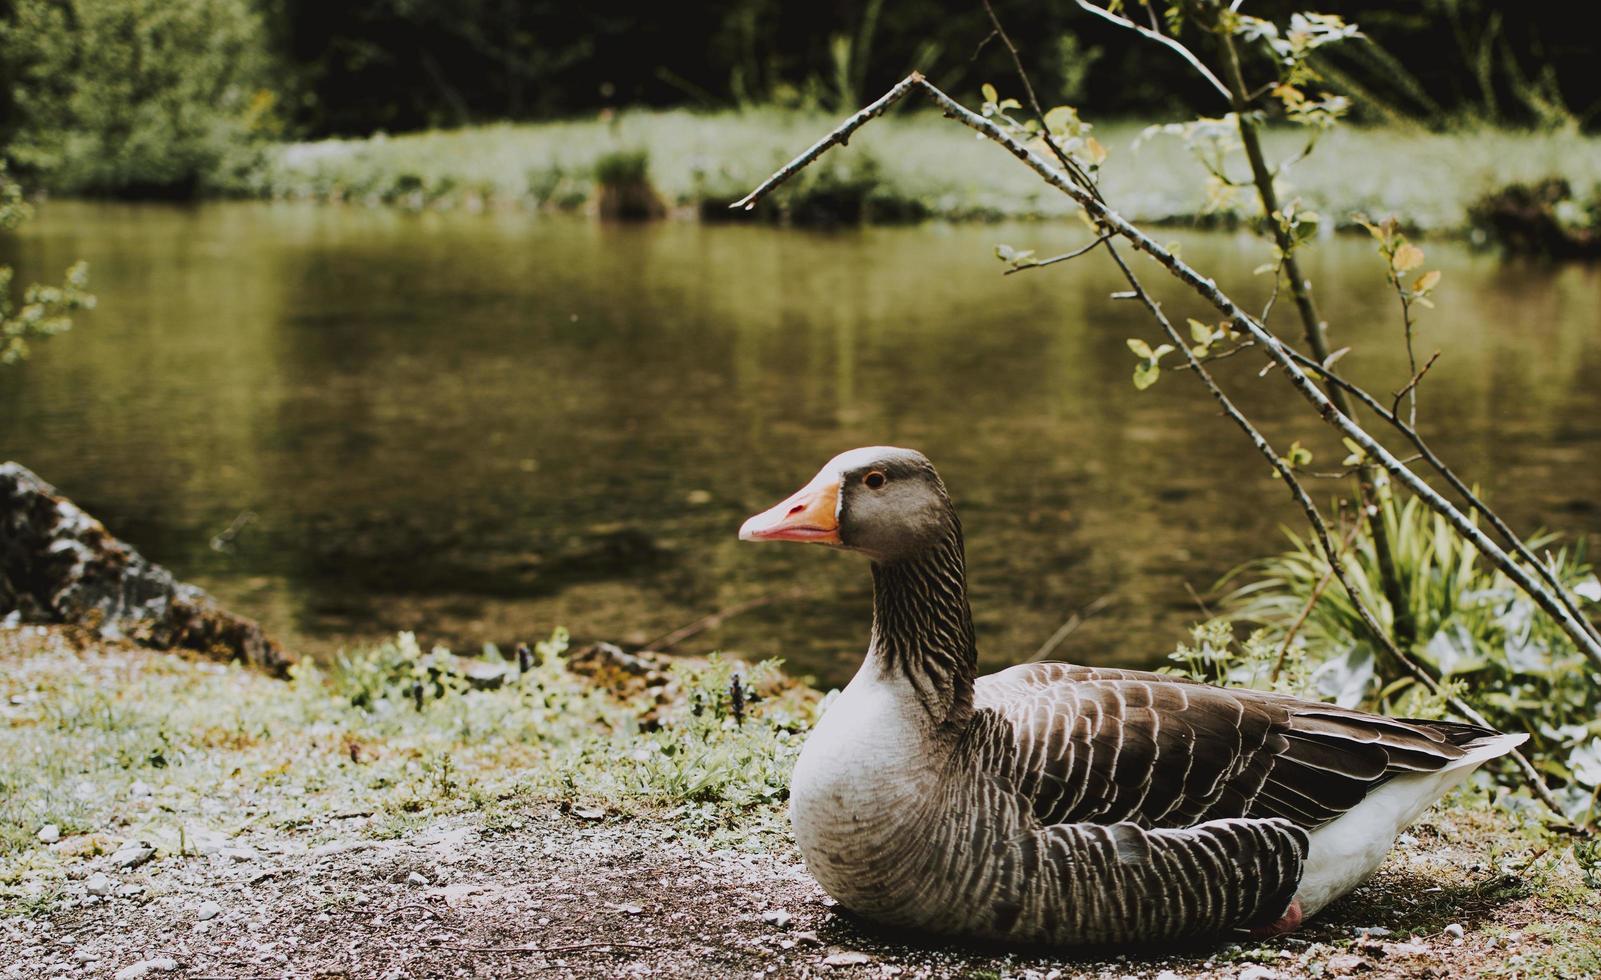 canard près d'un plan d'eau photo